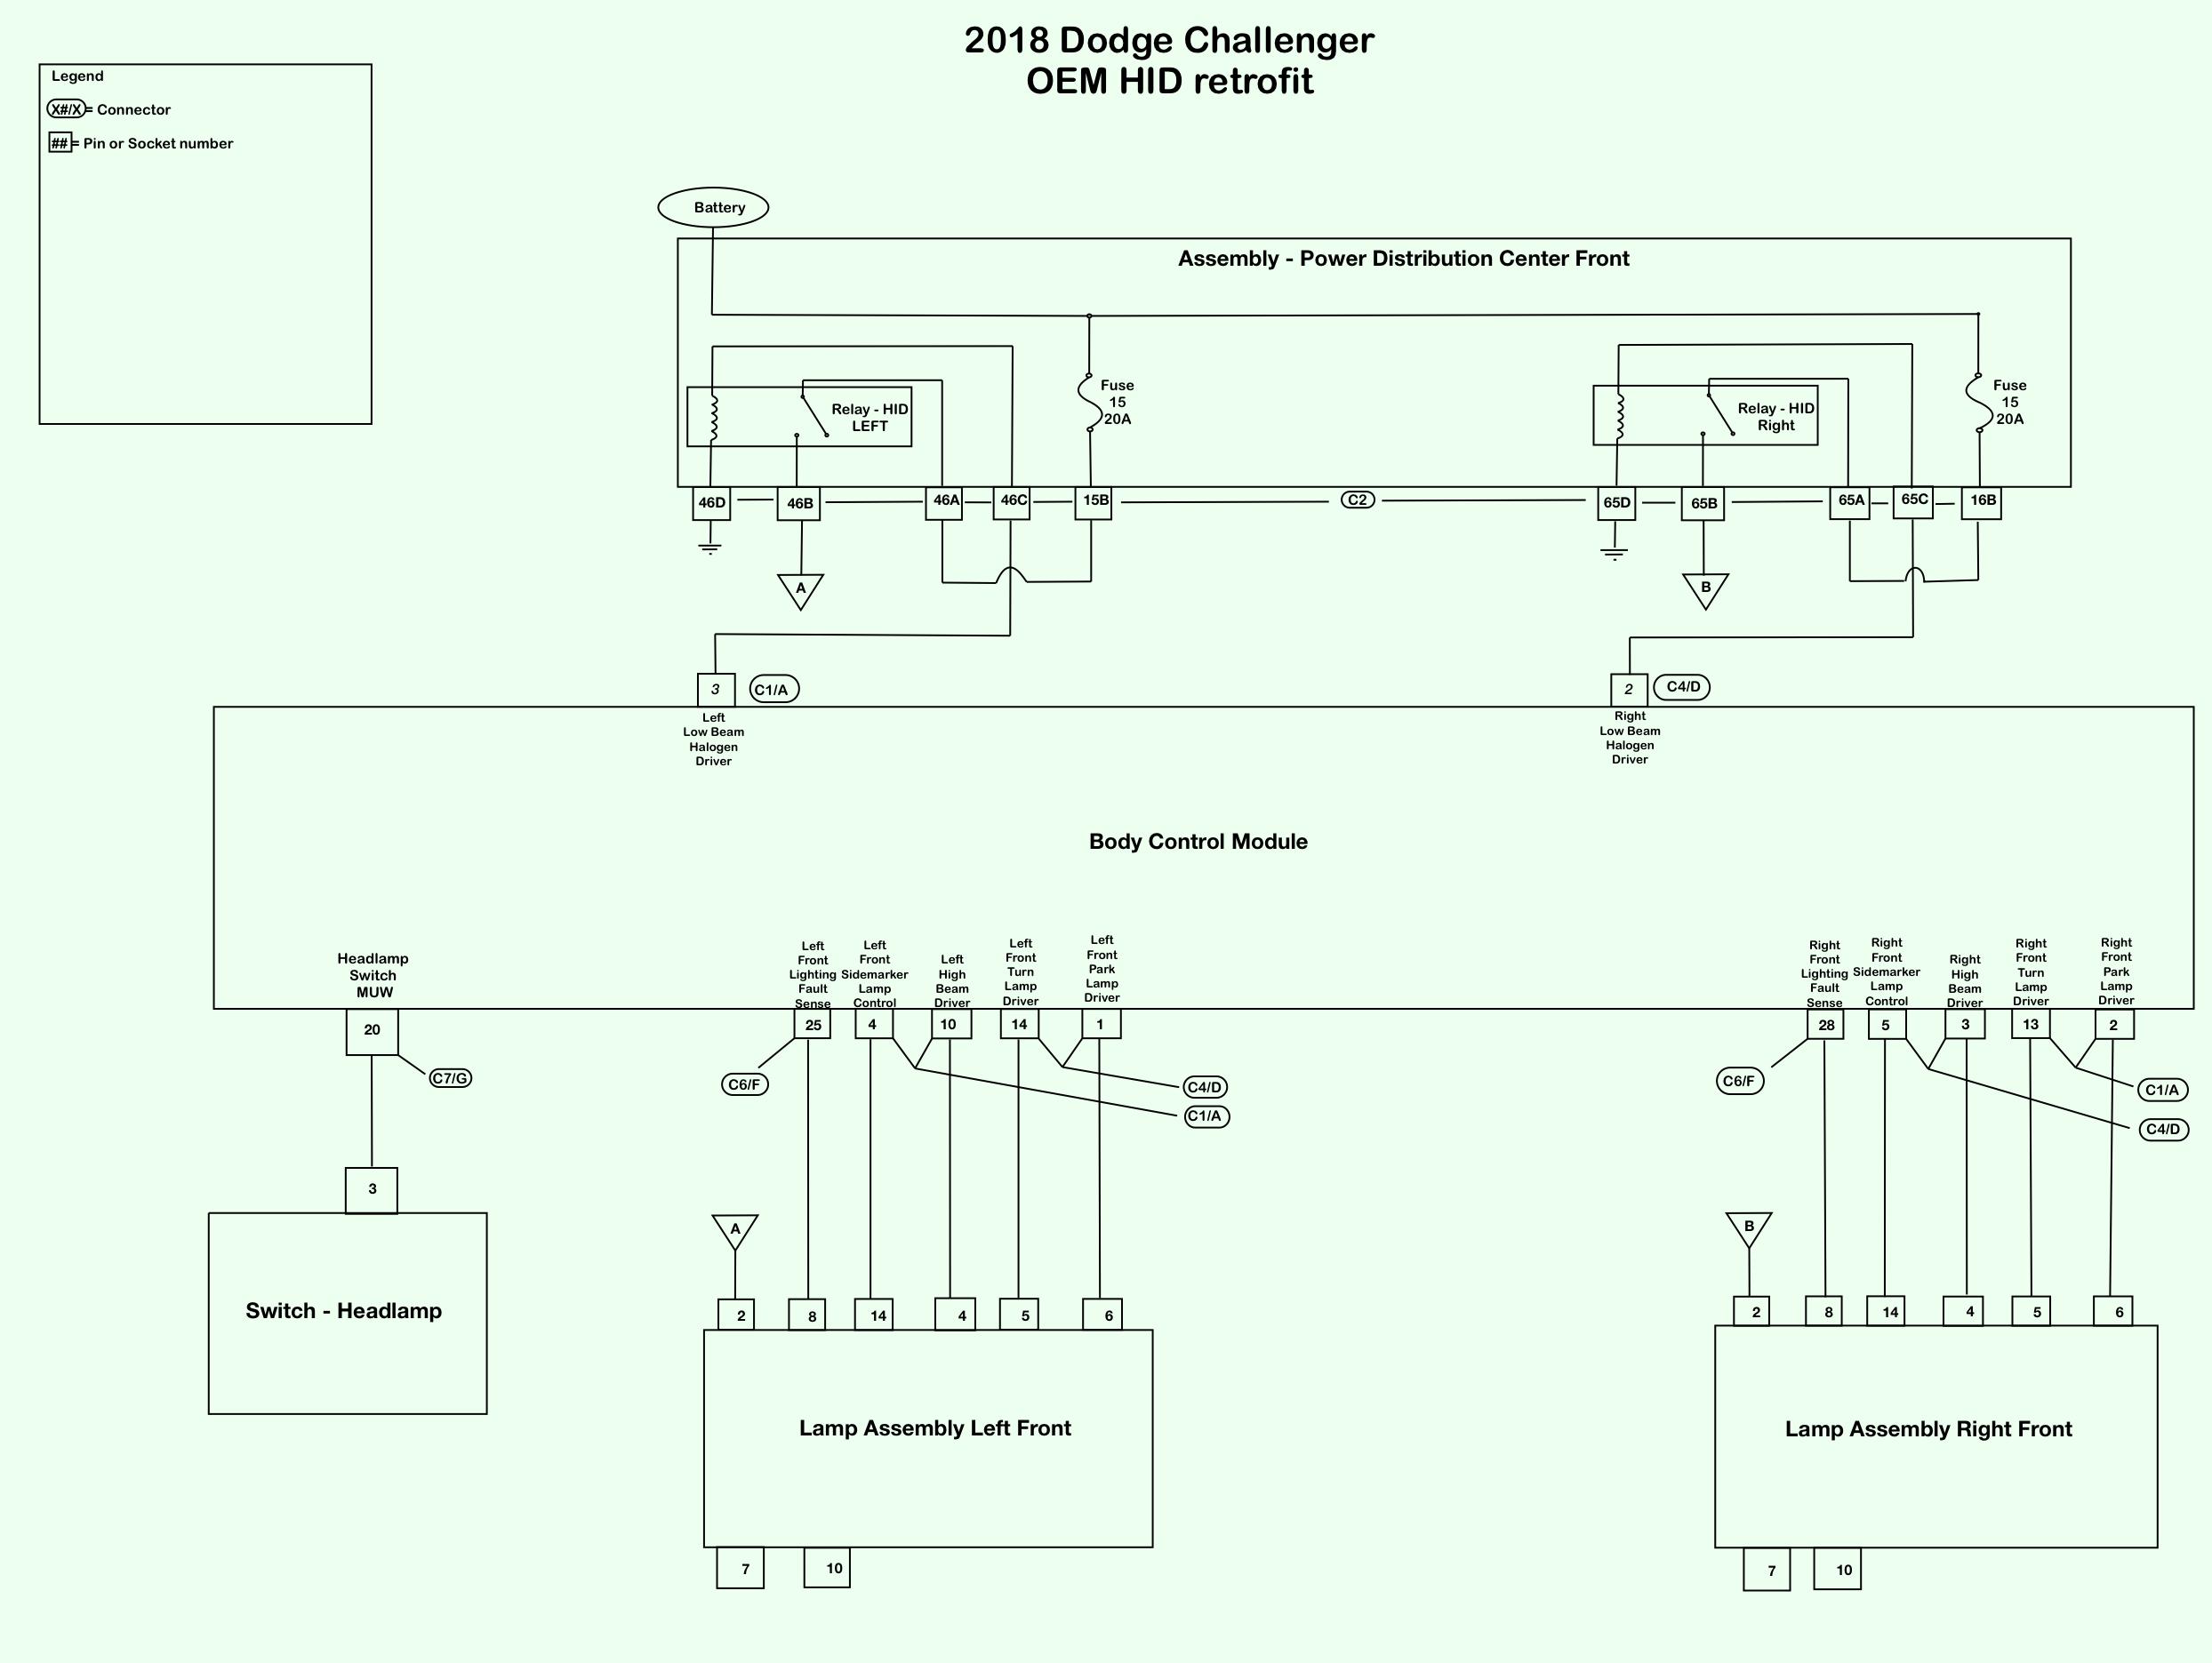 [NRIO_4796]   OEM HID Retrofit | Dodge Challenger Forum | Challenger Side Mirror Wiring Diagram |  | Dodge Challenger Forum